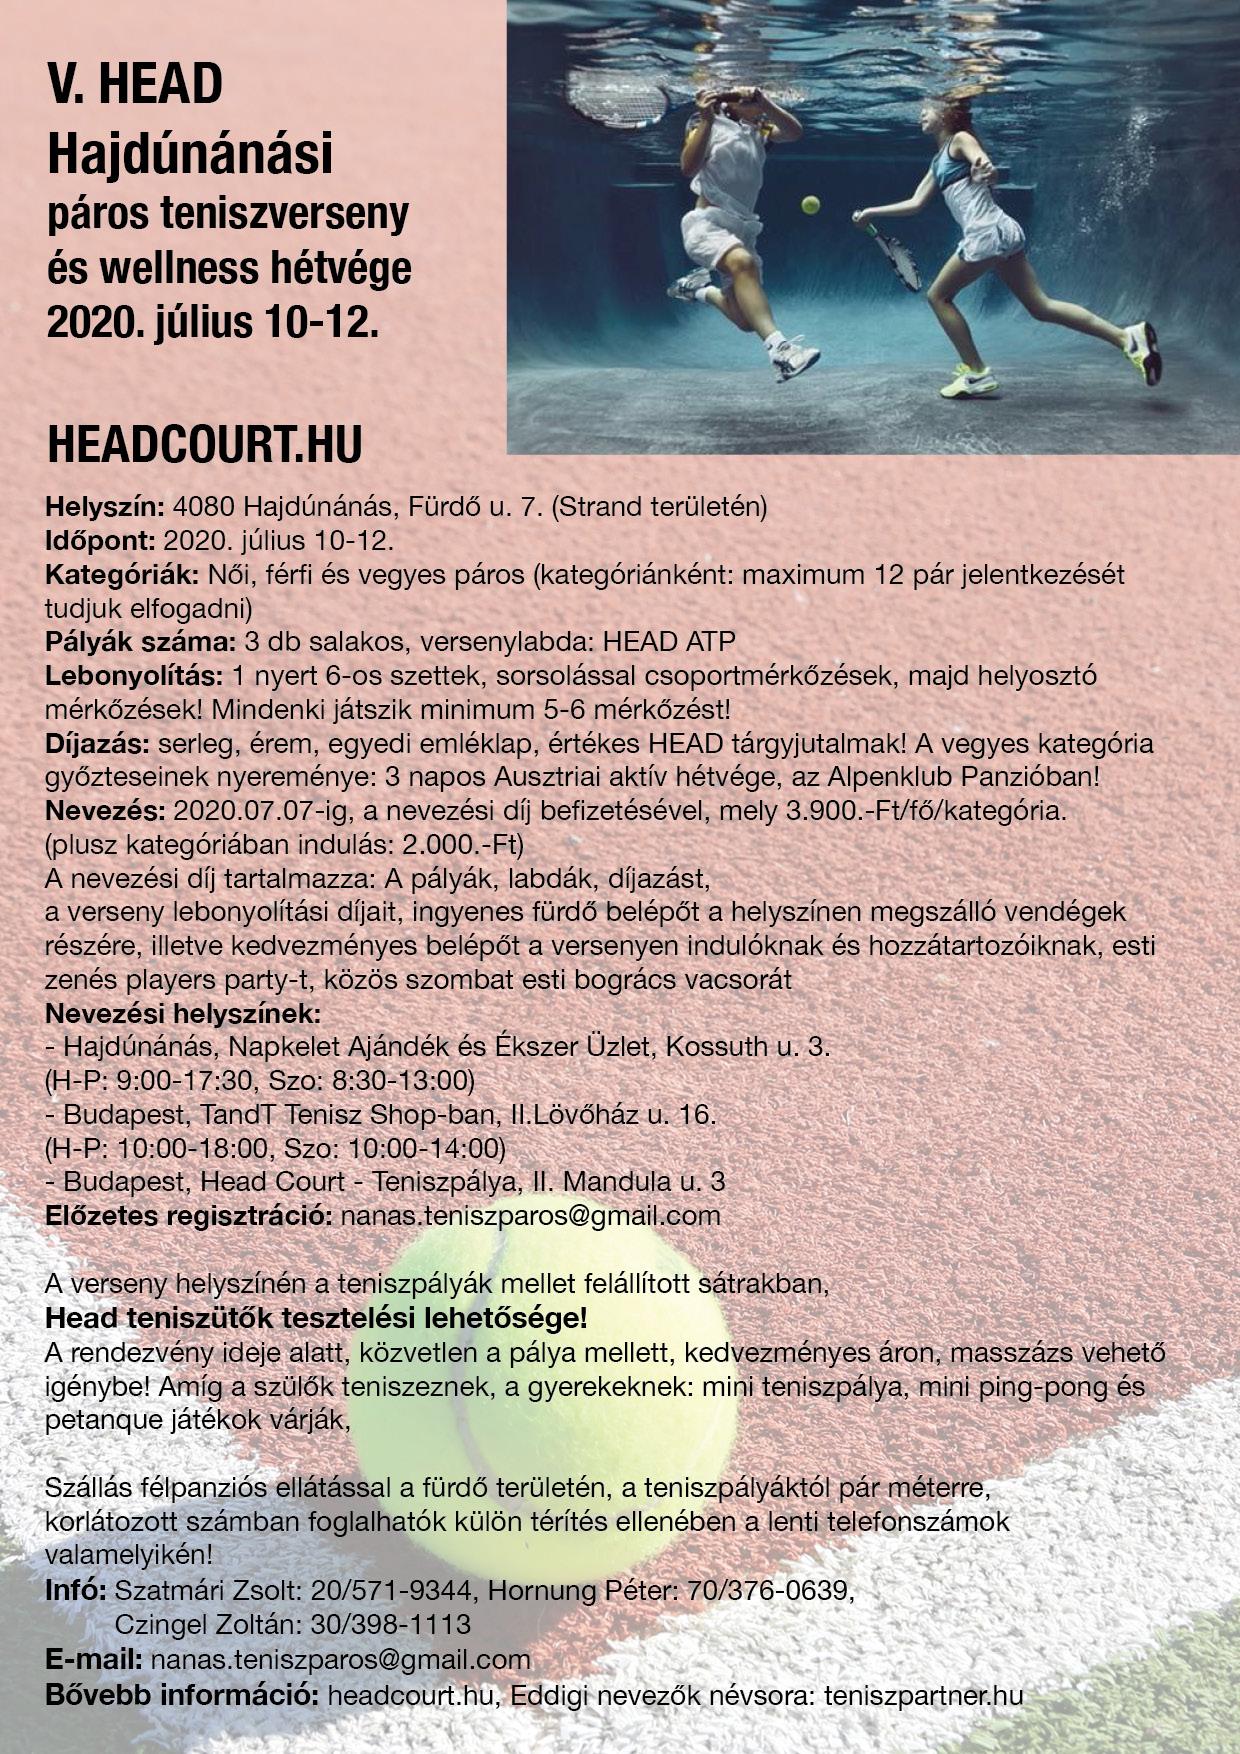 V. HEAD - Páros Teniszverseny és Wellness Hétvége